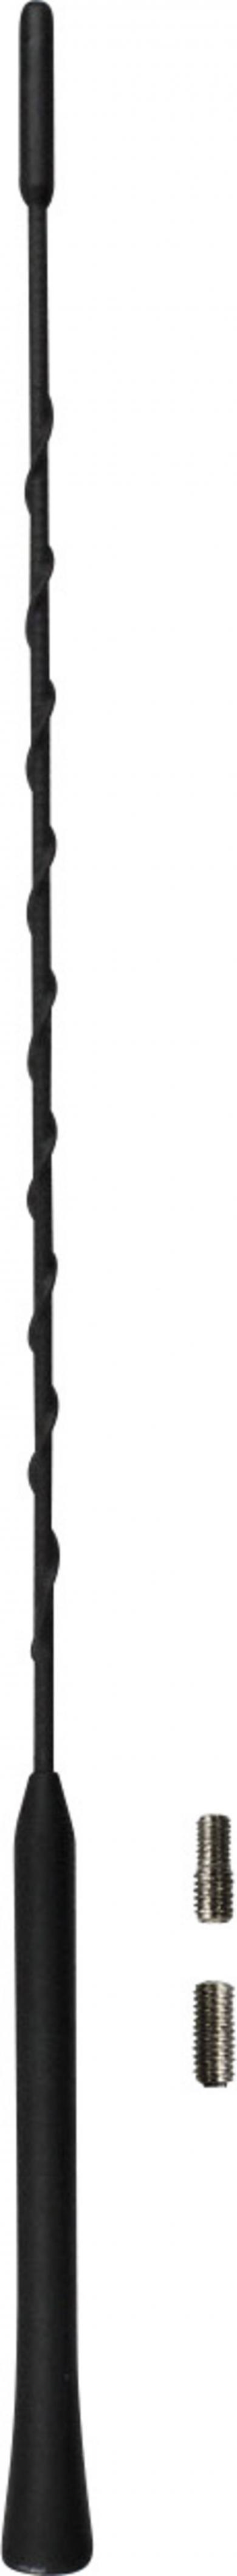 Antenă baston de rezervă M5/M6 40 cm